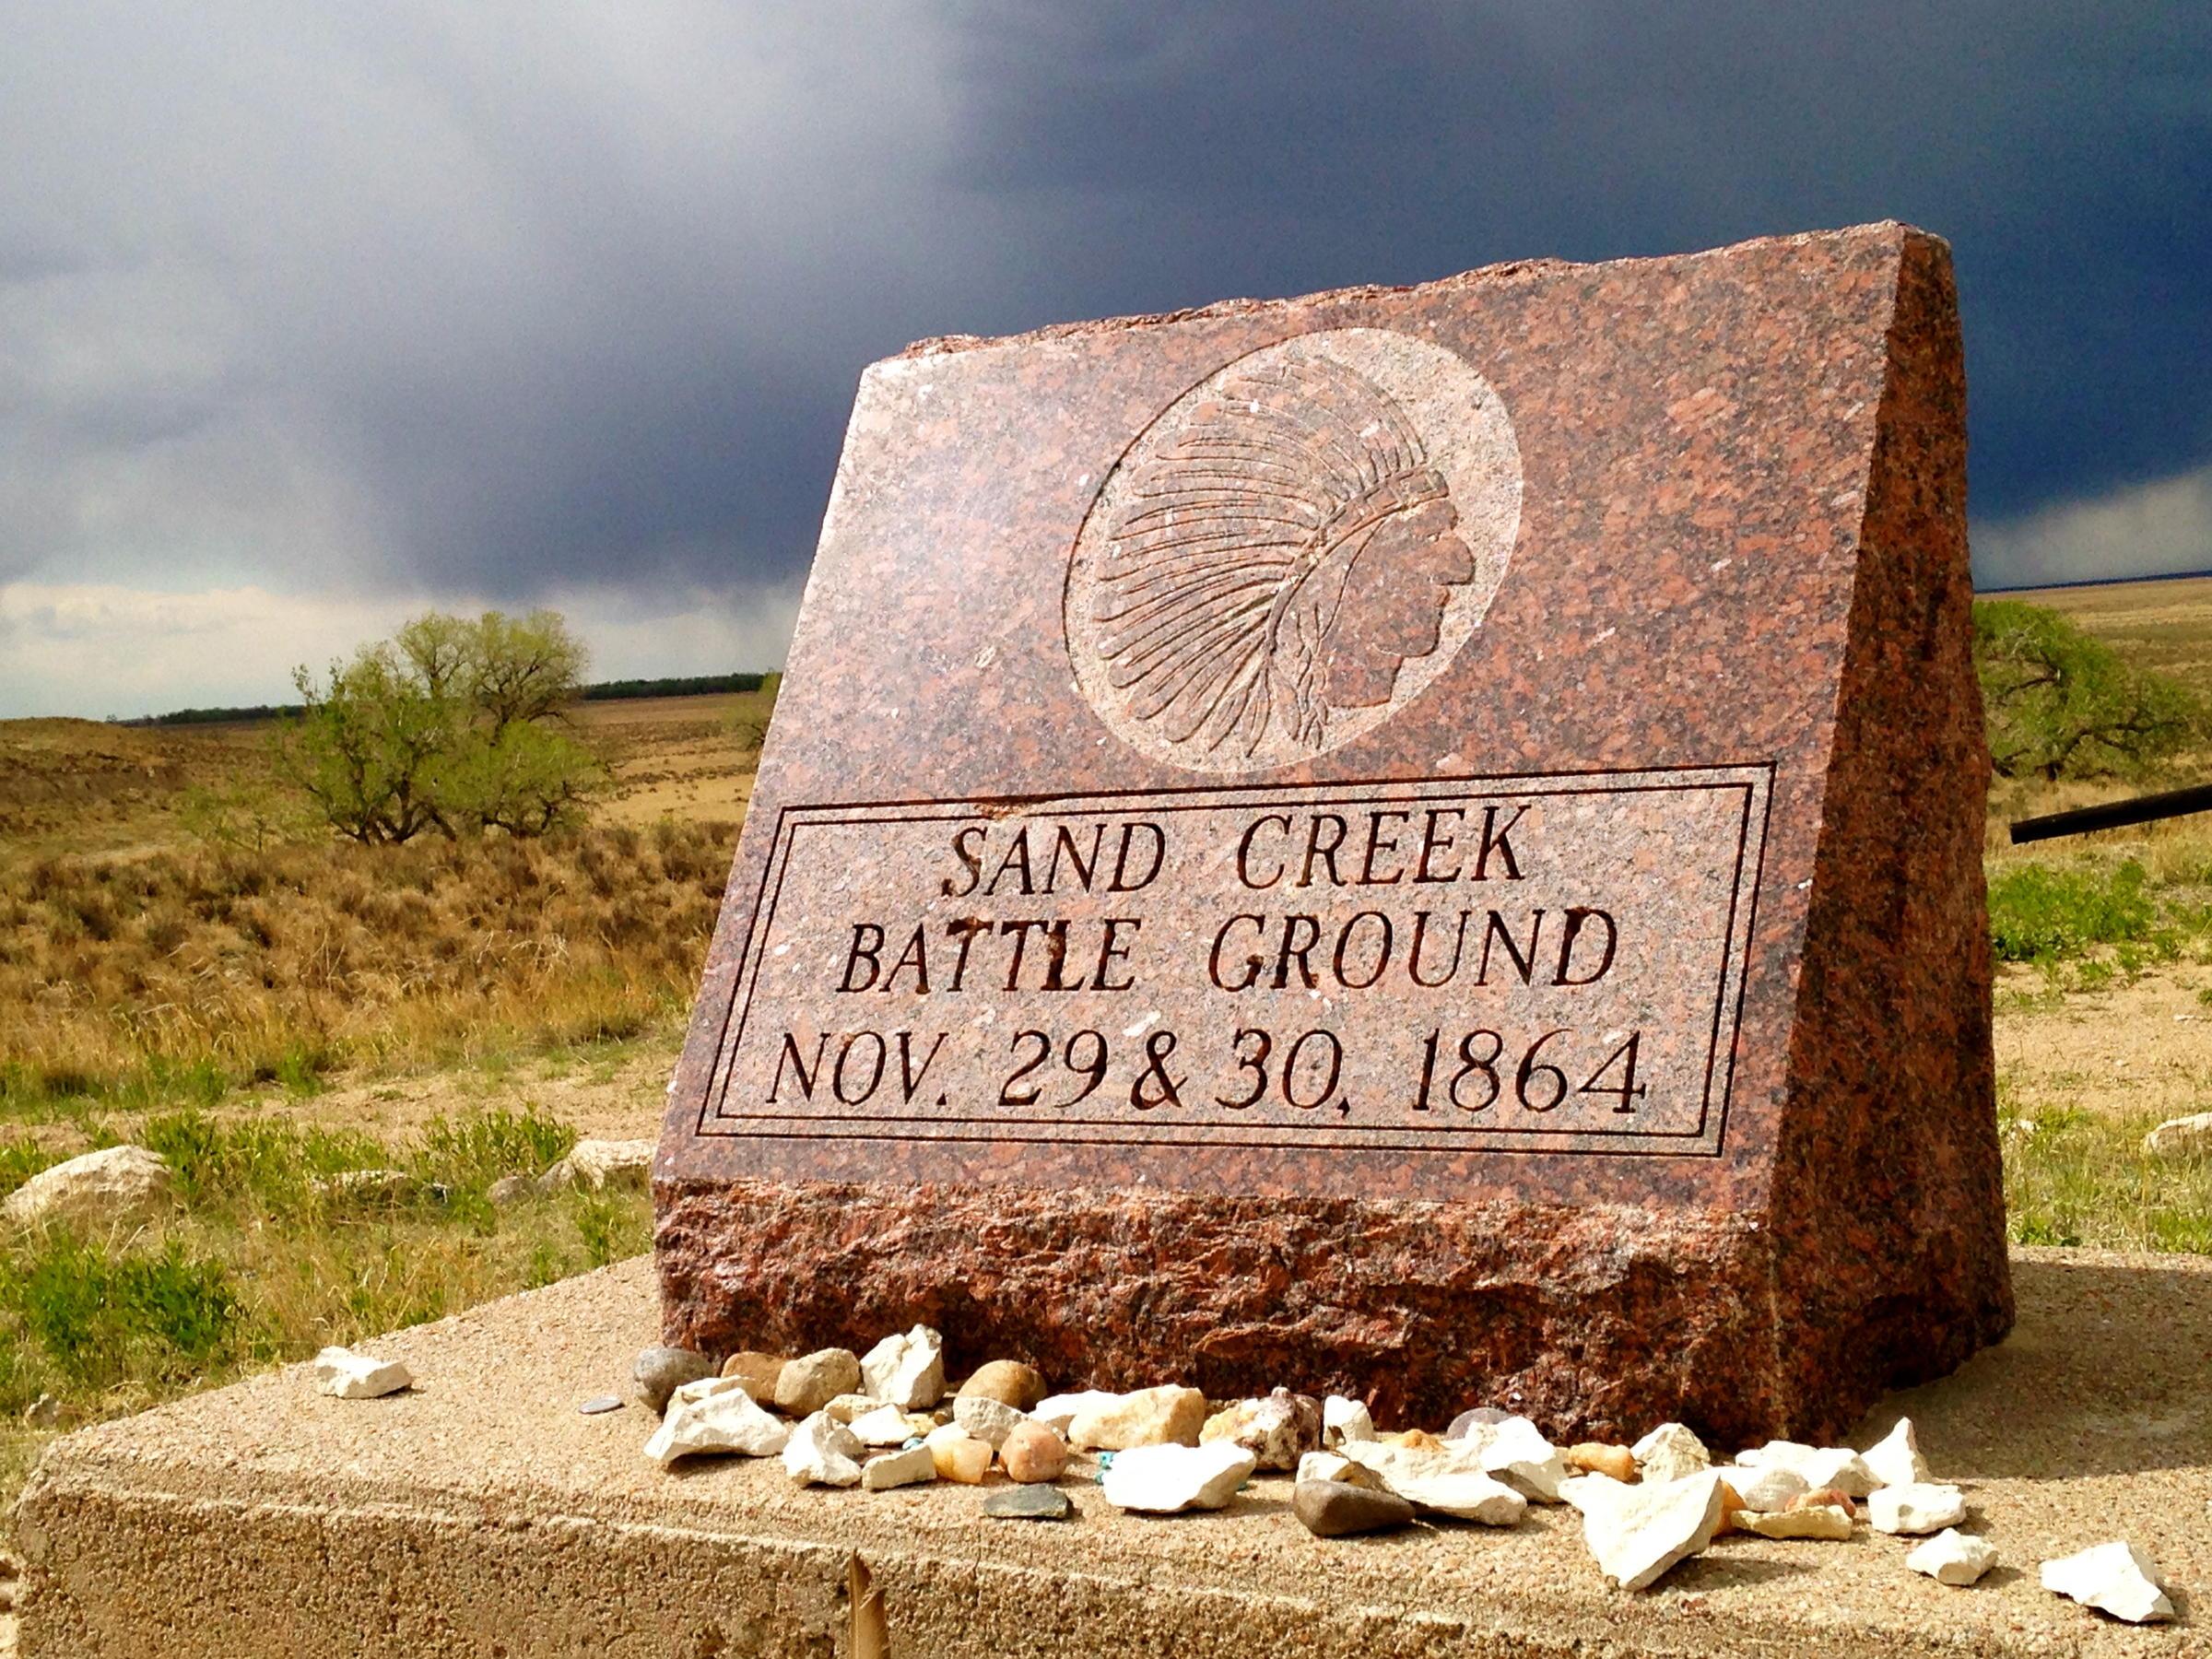 Sand Creek Battleground Marker